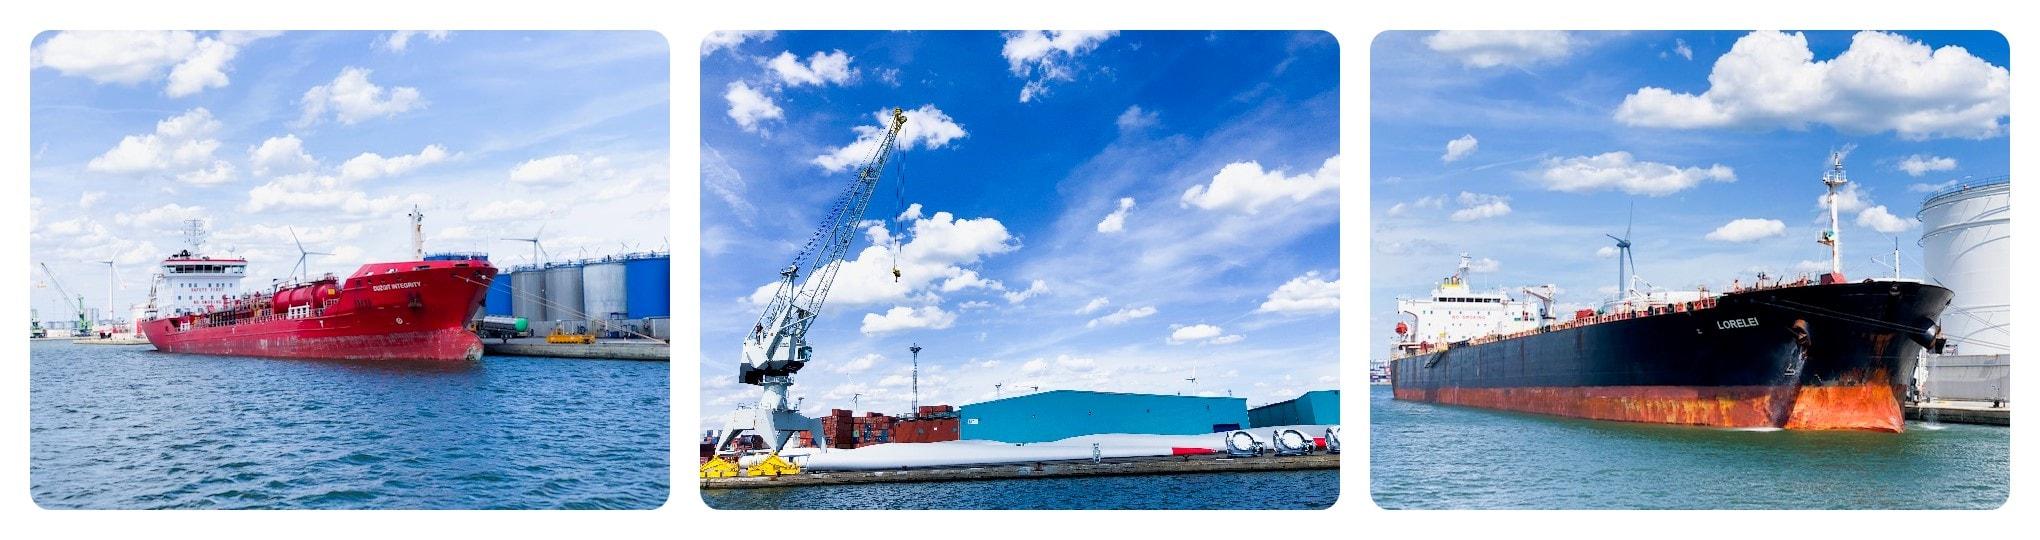 Antwerpen Hafenrundfahrt Pfannkuchen Boot